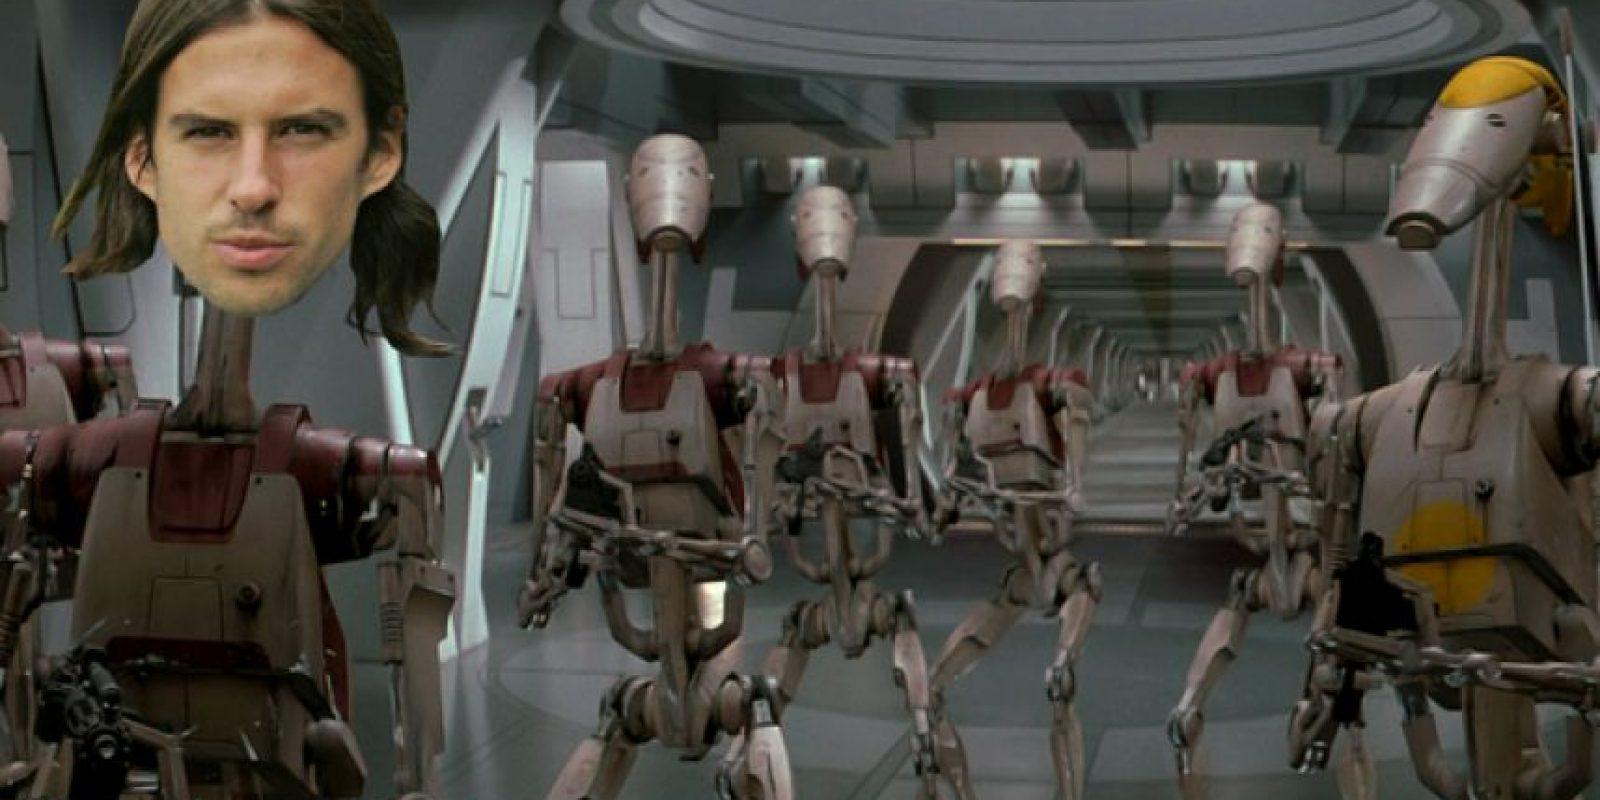 Gerard Butler, en el papel de George Dryer, toma el papel de un androide y relega a Falcao a la banca. Foto:Tomada de mirror.co.uk